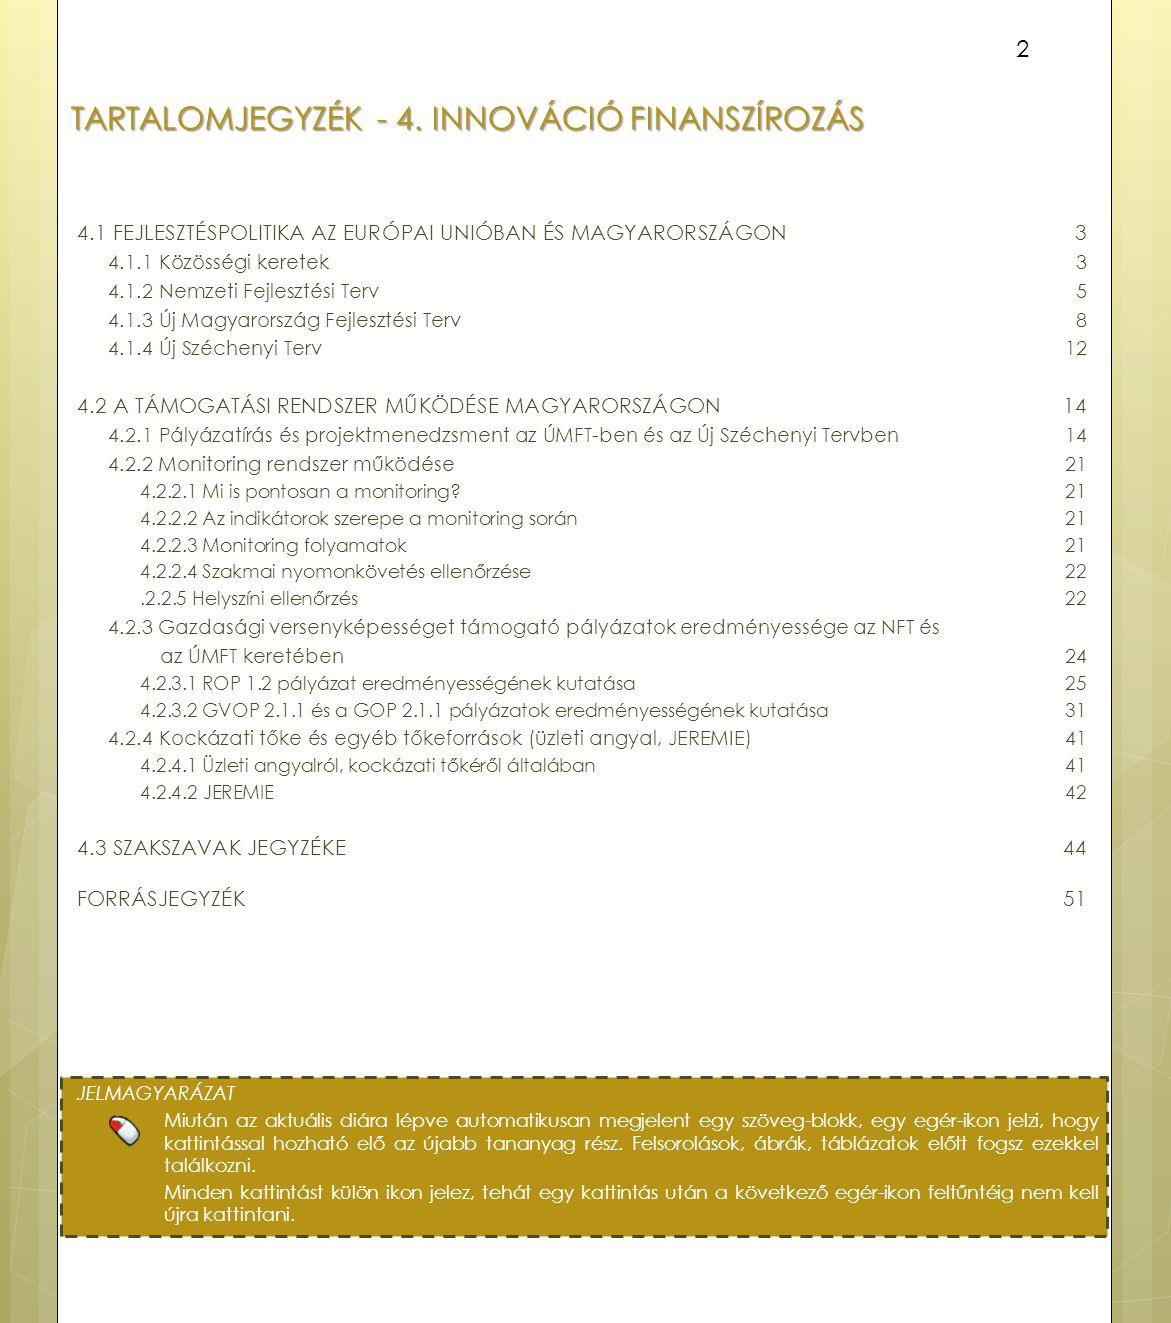 TARTALOMJEGYZÉK - 4. INNOVÁCIÓ FINANSZÍROZÁS 4.1 FEJLESZTÉSPOLITIKA AZ EURÓPAI UNIÓBAN ÉS MAGYARORSZÁGON 3 4.1.1 Közösségi keretek3 4.1.2 Nemzeti Fejl